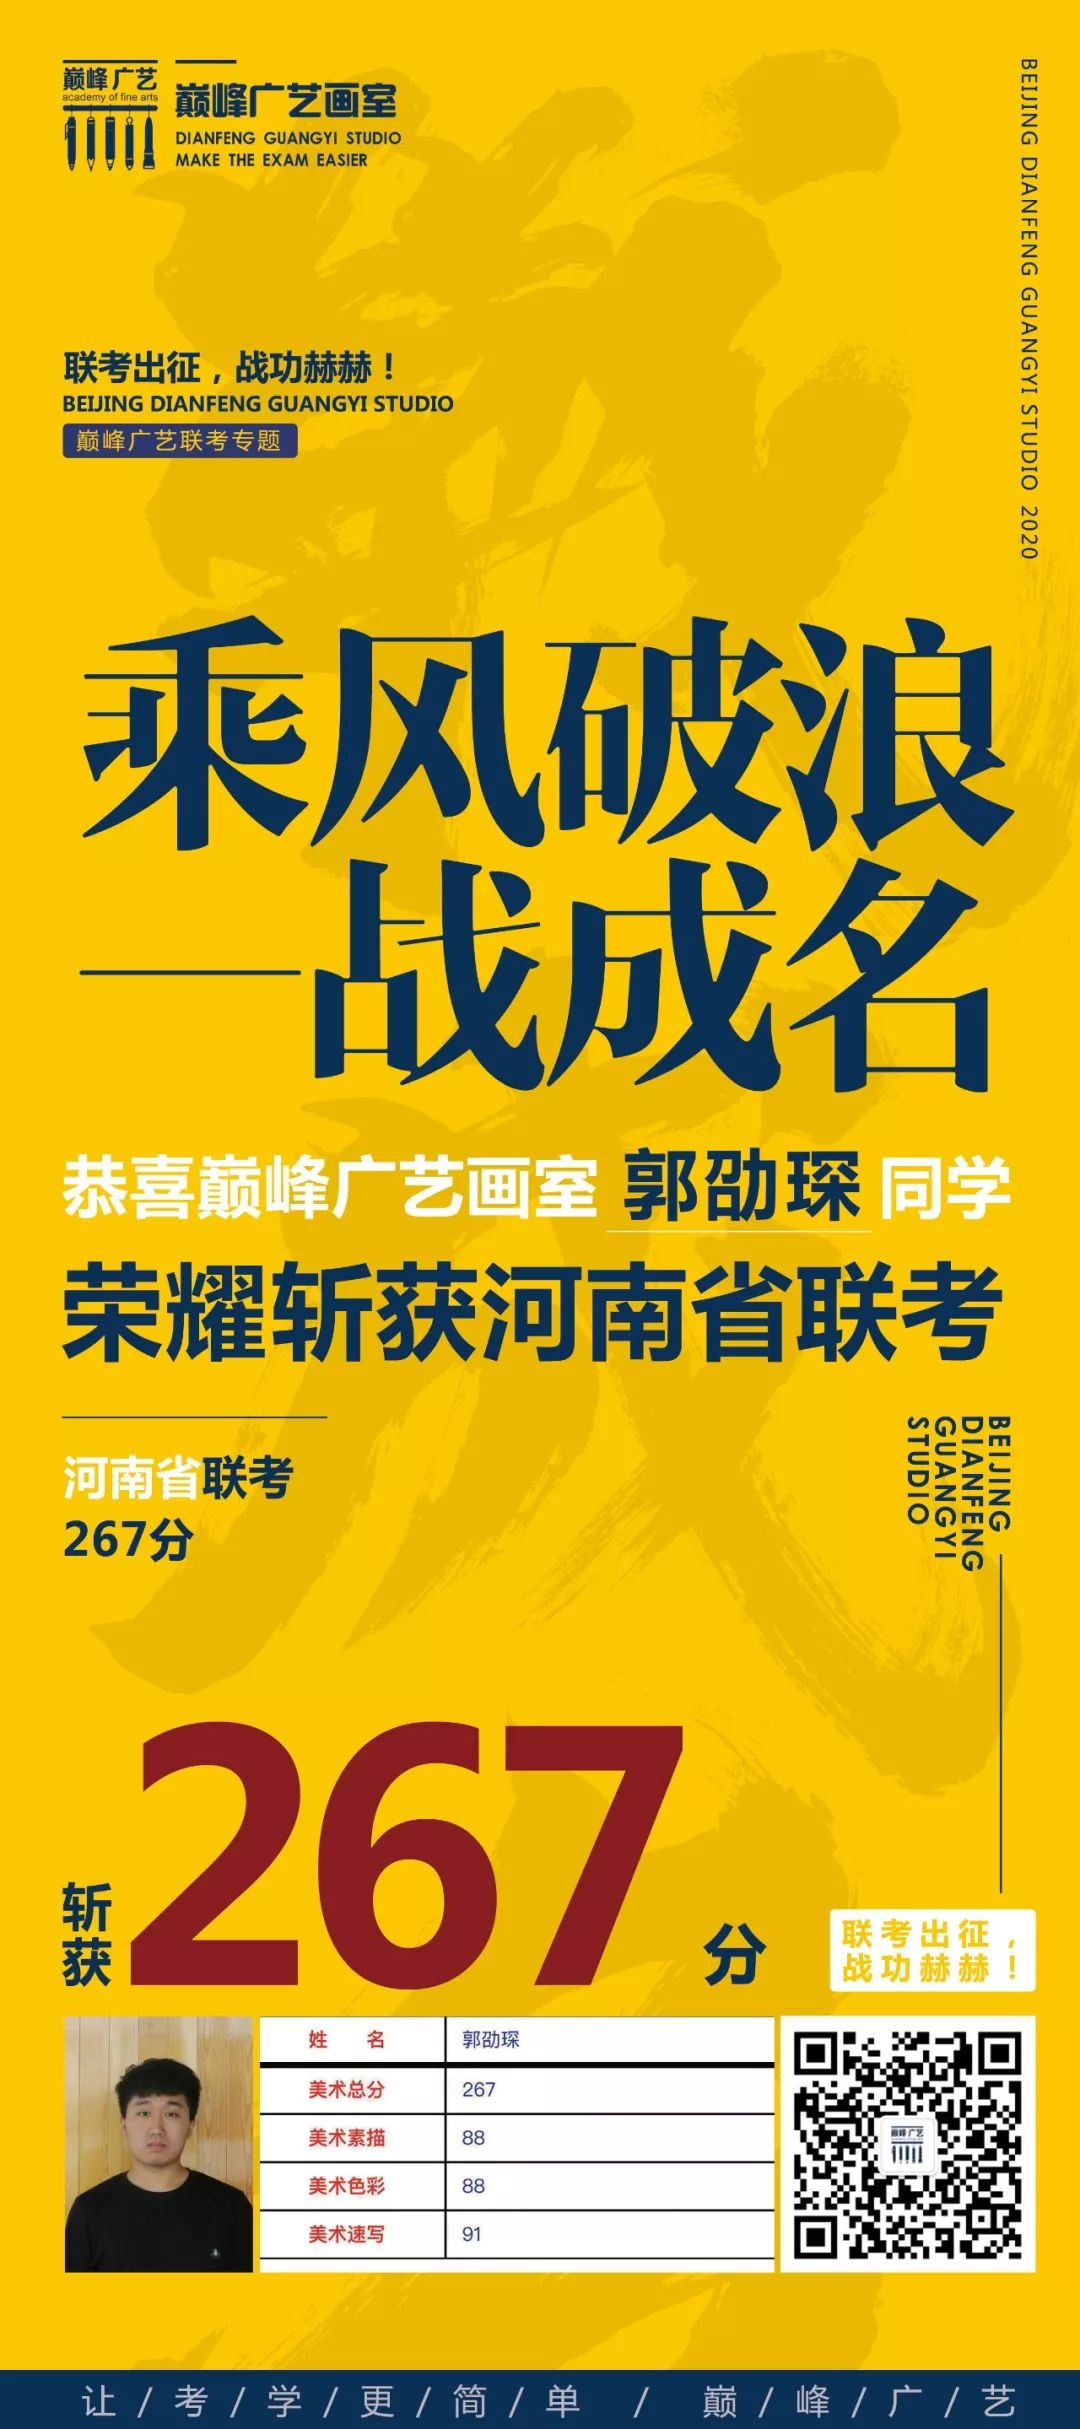 斩获285分!【联考战绩展】巅峰广艺河南省联考战绩展         05